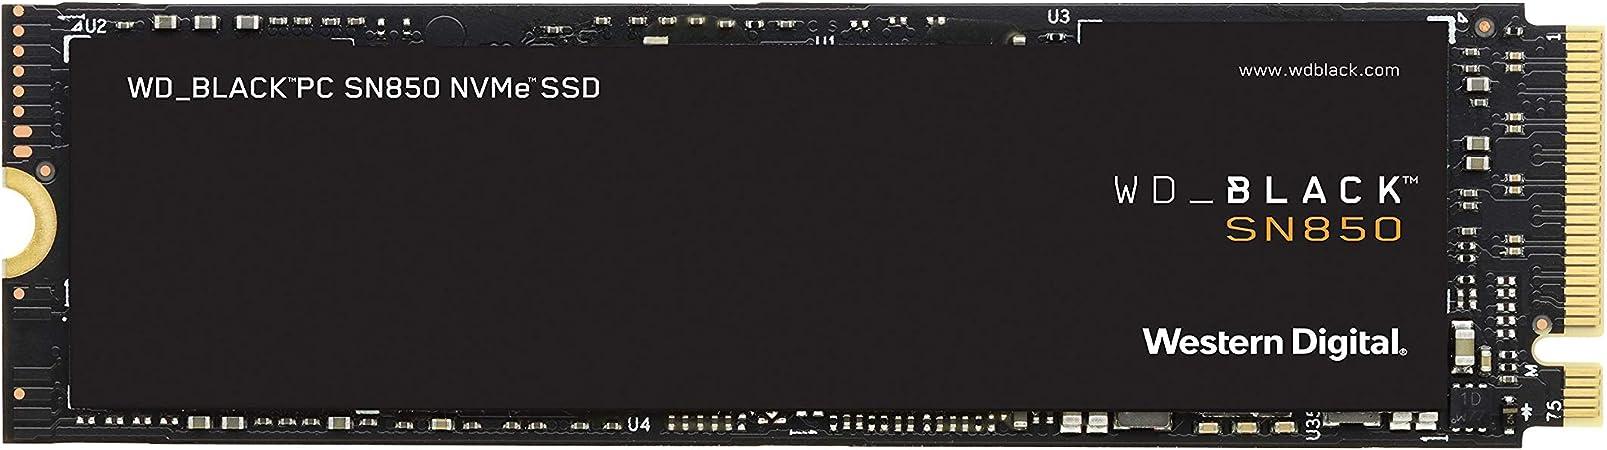 WD_BLACK SN850 de 500 GB - SSD NVMe interno para gaming, PCIe Gen4, hasta 7000 MB/s velocidad de lectura, M.2 2280